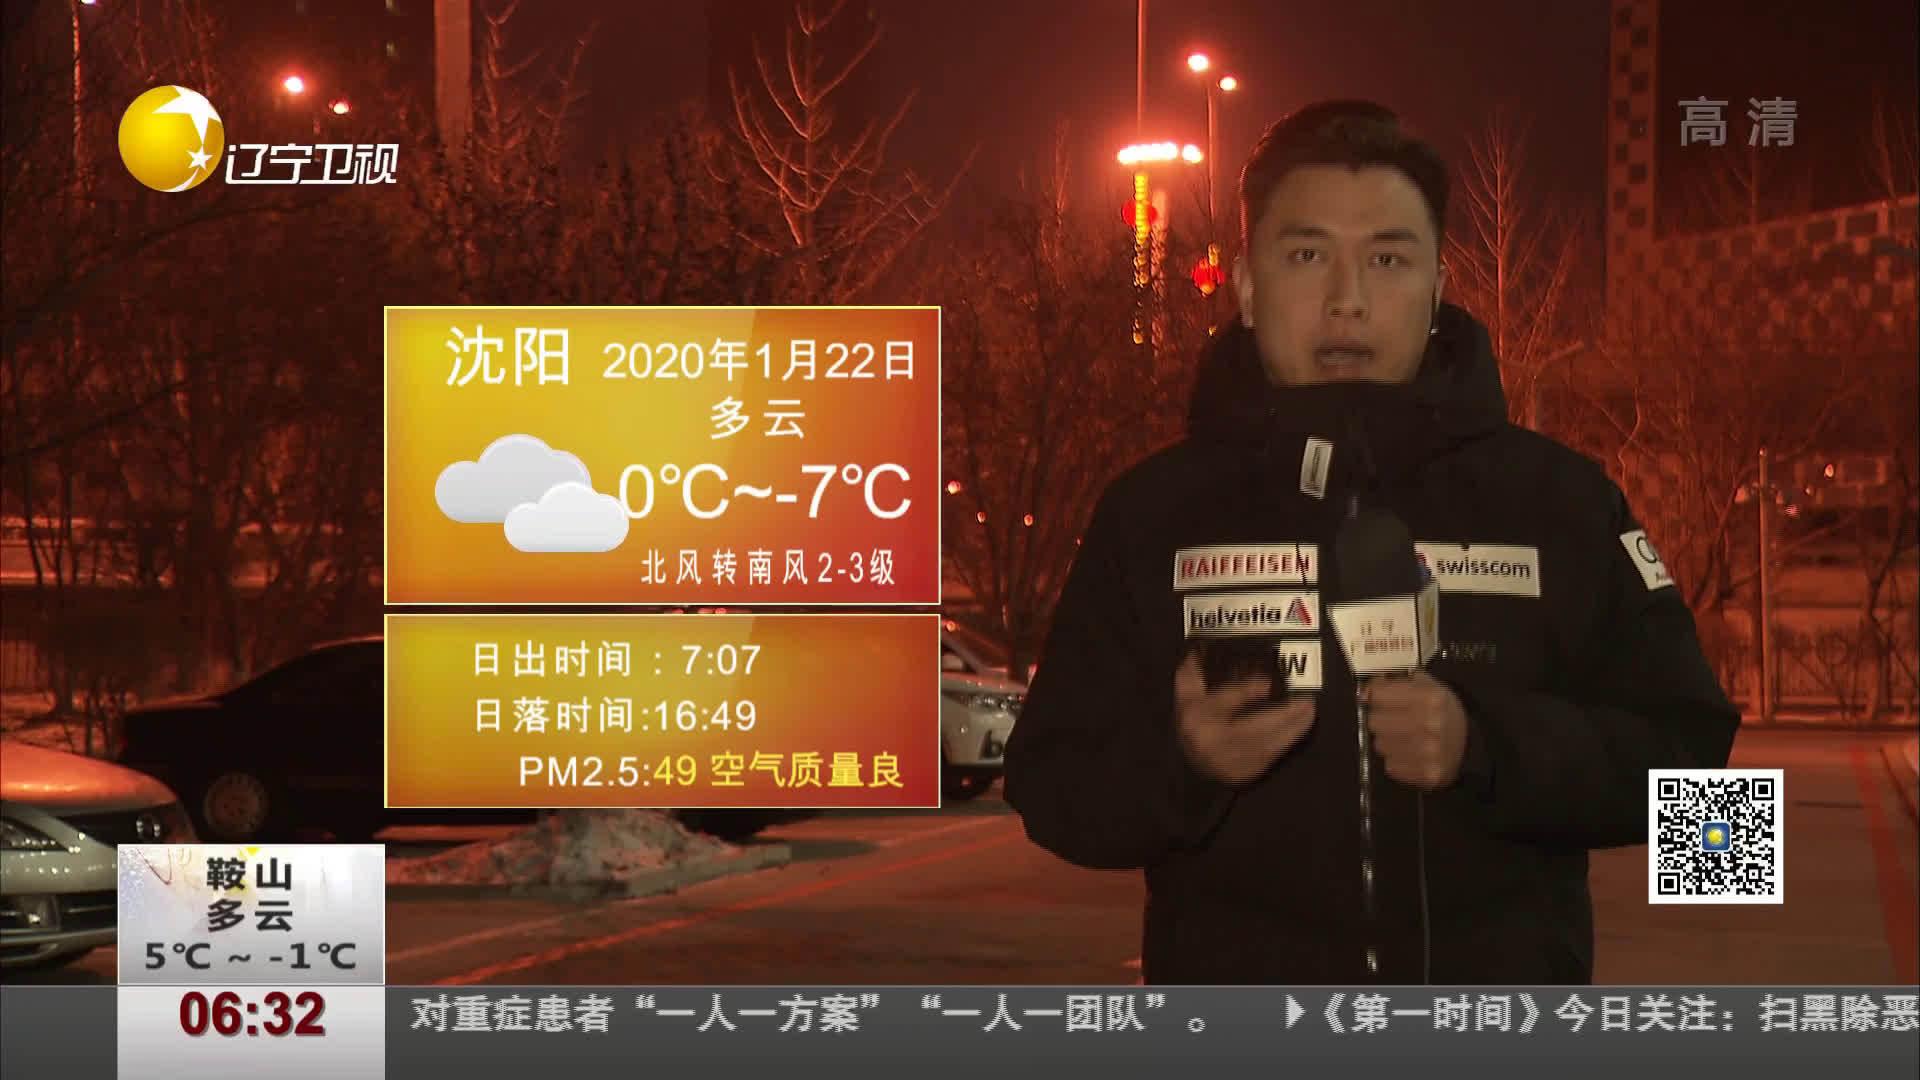 辽宁:本溪丹东等地有阵雪 注意路滑